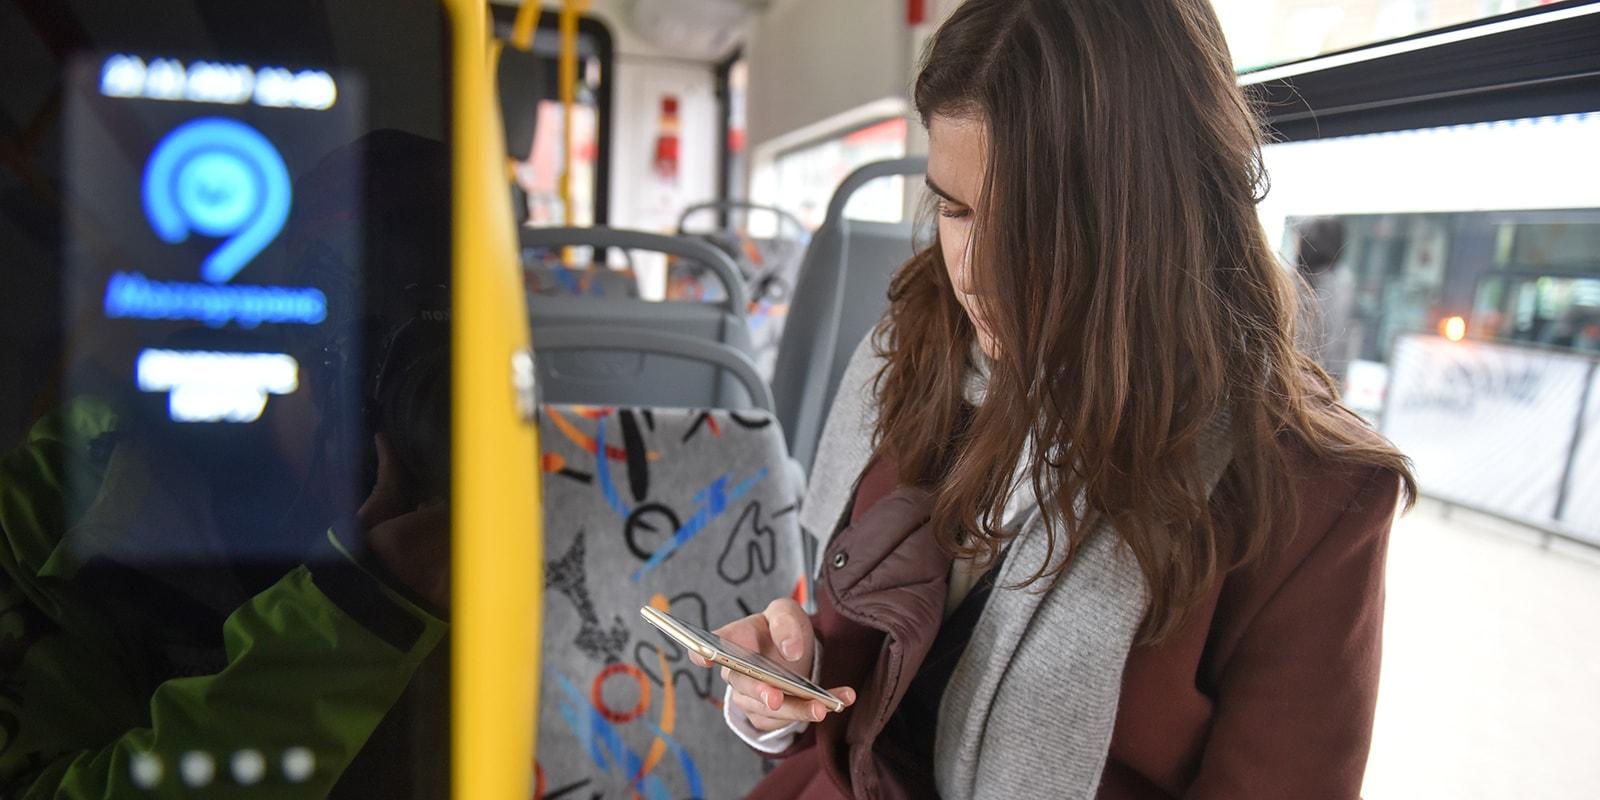 Пользуется смартфонов в автобусе